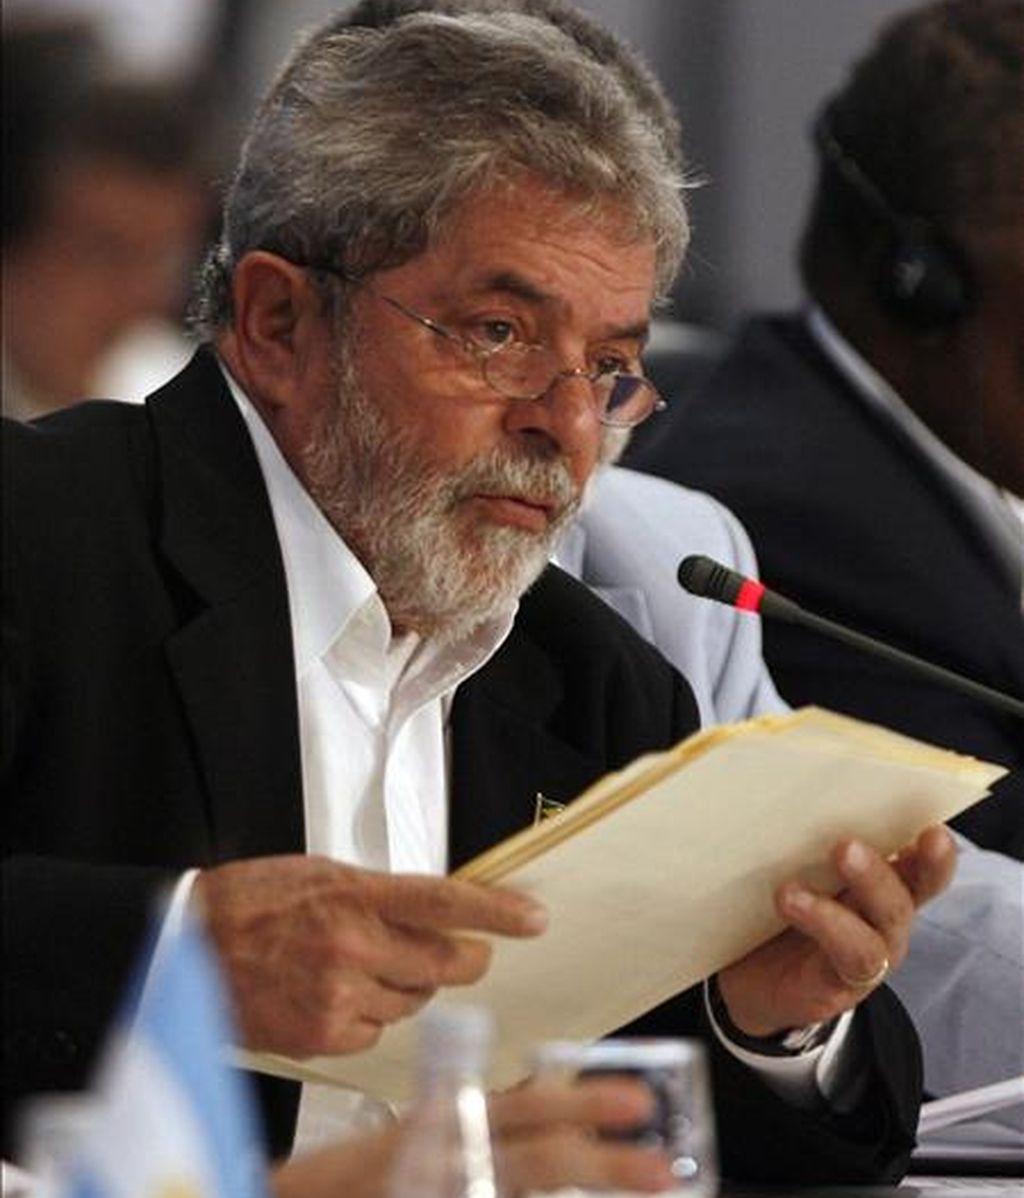 """El presidente de Brasil, Luiz Inácio Lula da Silva, sostuvo que Argentina, Brasil, Uruguay y Paraguay """"supieron garantizar los puestos de trabajo durante la crisis internacional"""" que se desató en 2008  EFE/Archivo"""